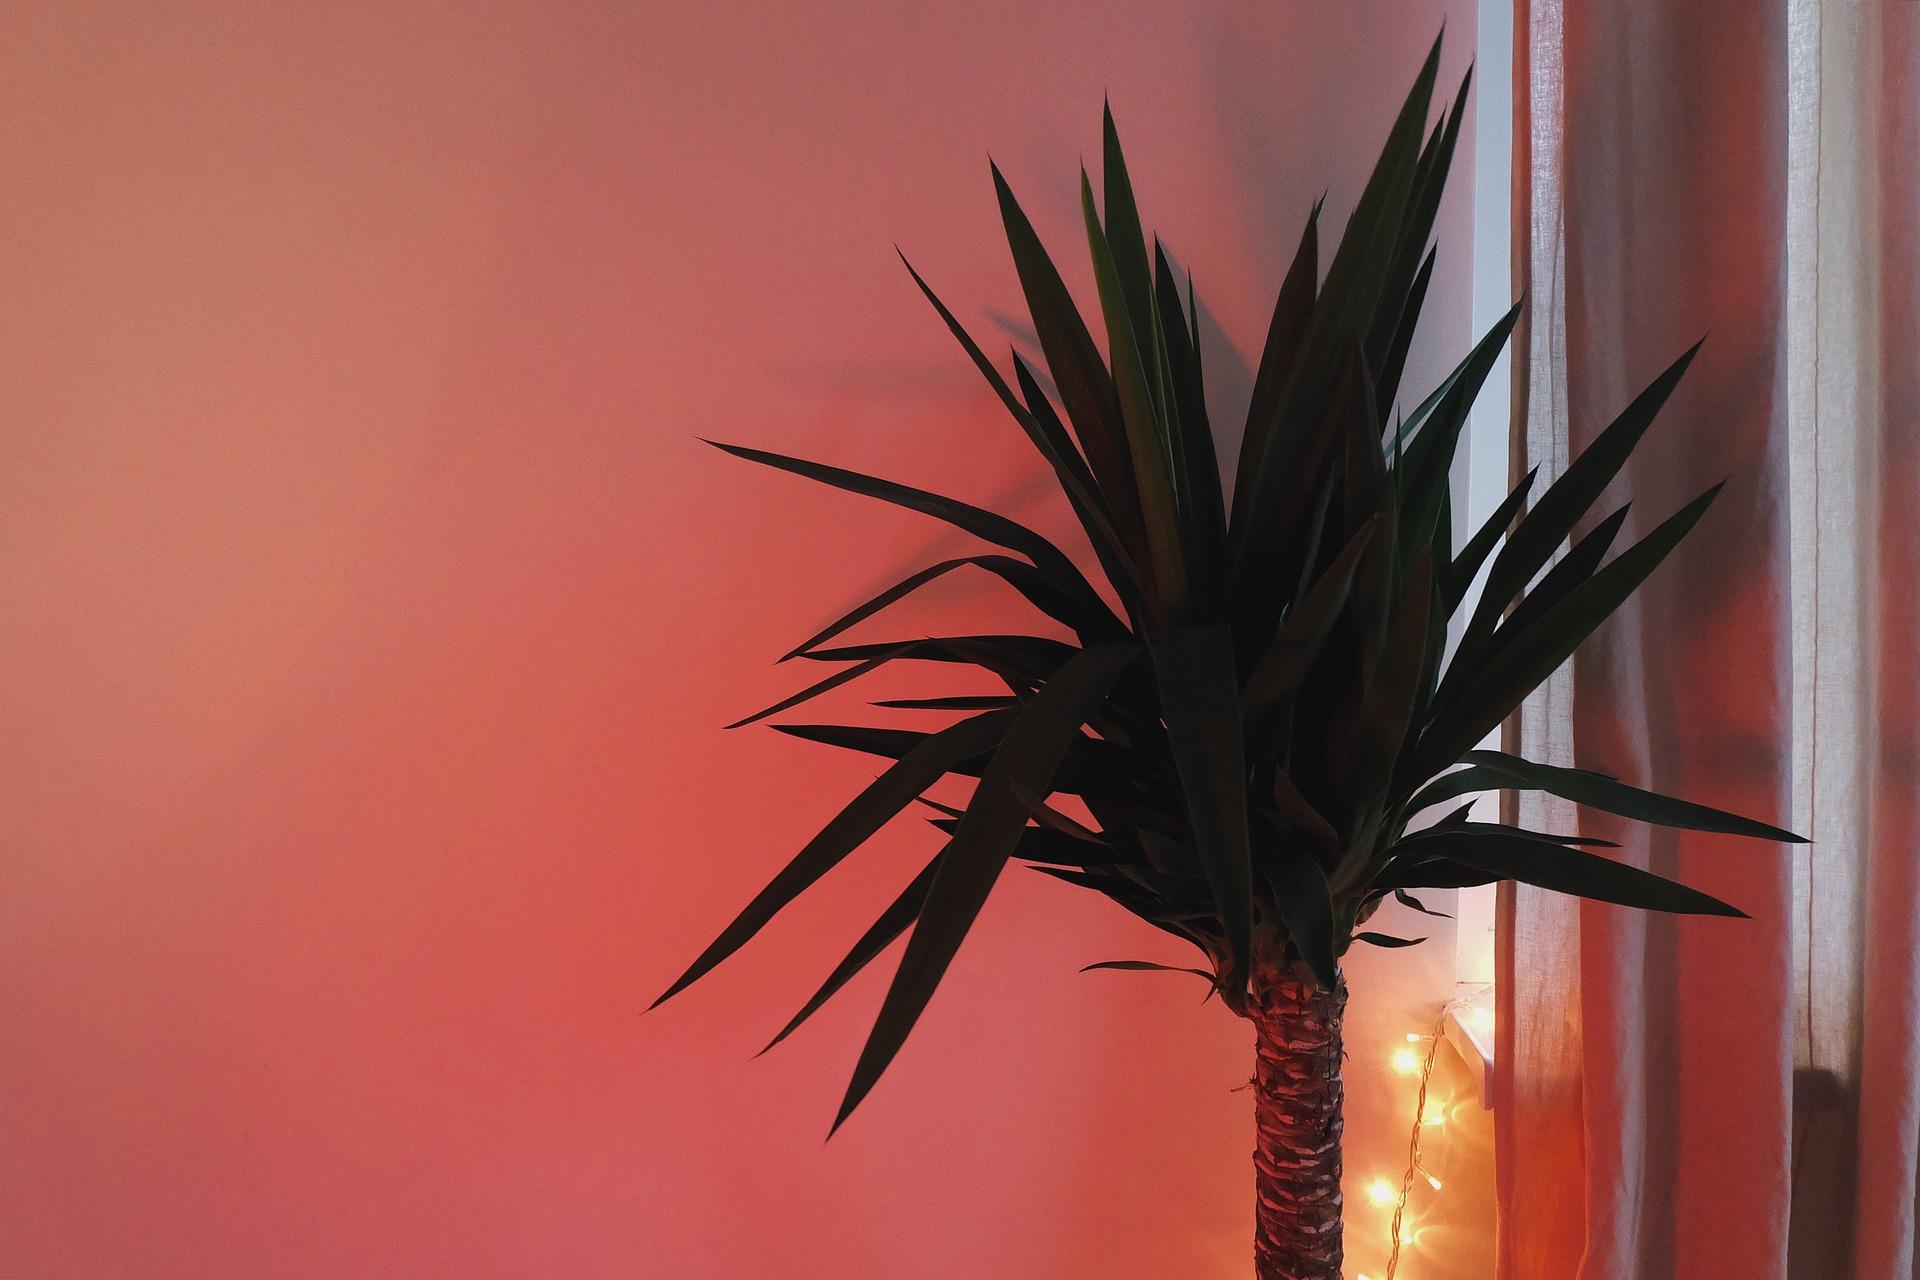 Zimmerpflanzen sind WLAN-Killer. (Bild: Pixabay)